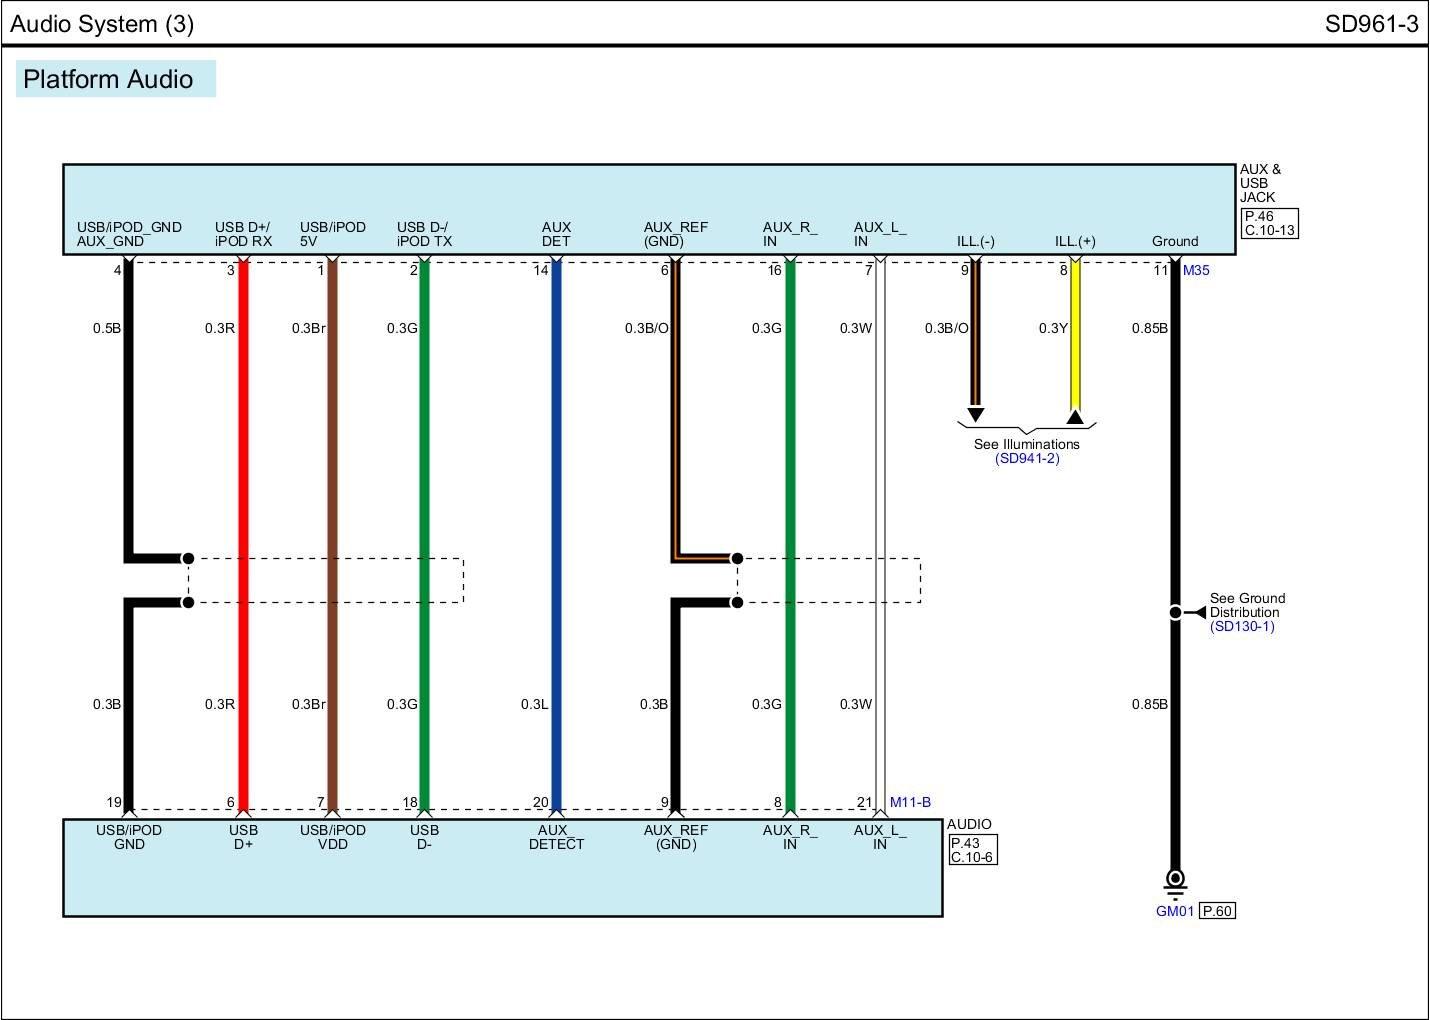 Wiring diagram for 2013 kia rio SX with navigation | Kia Forum on 2012 kia optima radio diagram, kia steering diagram, kia fuse diagram, kia optima stereo diagram, kia service, kia relay diagram, kia sportage electrical diagram, kia belt diagram, kia radio wiring harness, kia soul stereo system wiring, kia fuel pump wiring, kia engine diagram, kia air conditioning diagram, kia ecu diagram, 05 kia sportage radio wire diagram, kia parts diagram, kia transmission diagram,